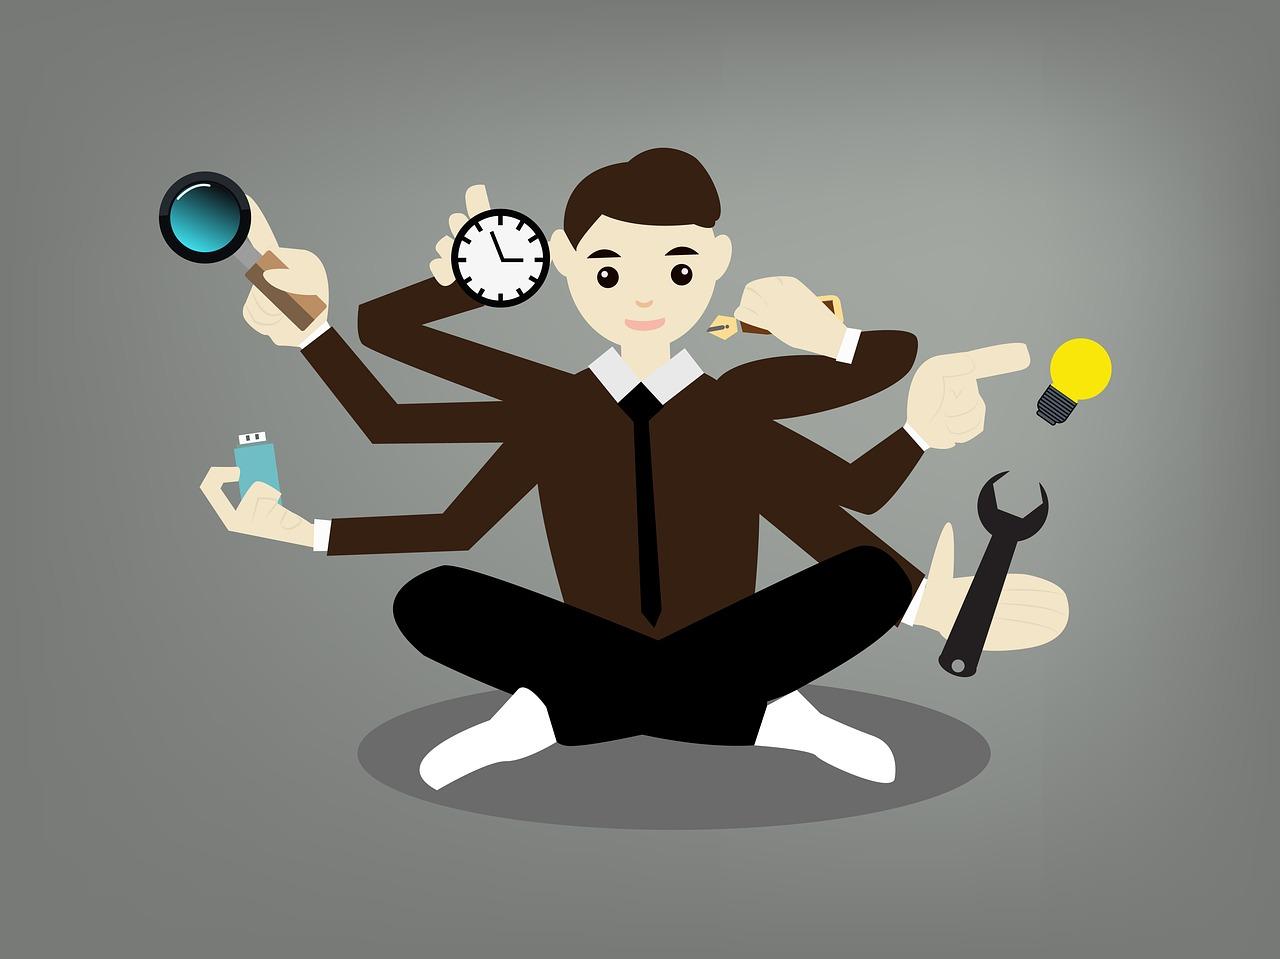 kaip-nustoti-multitaskinti